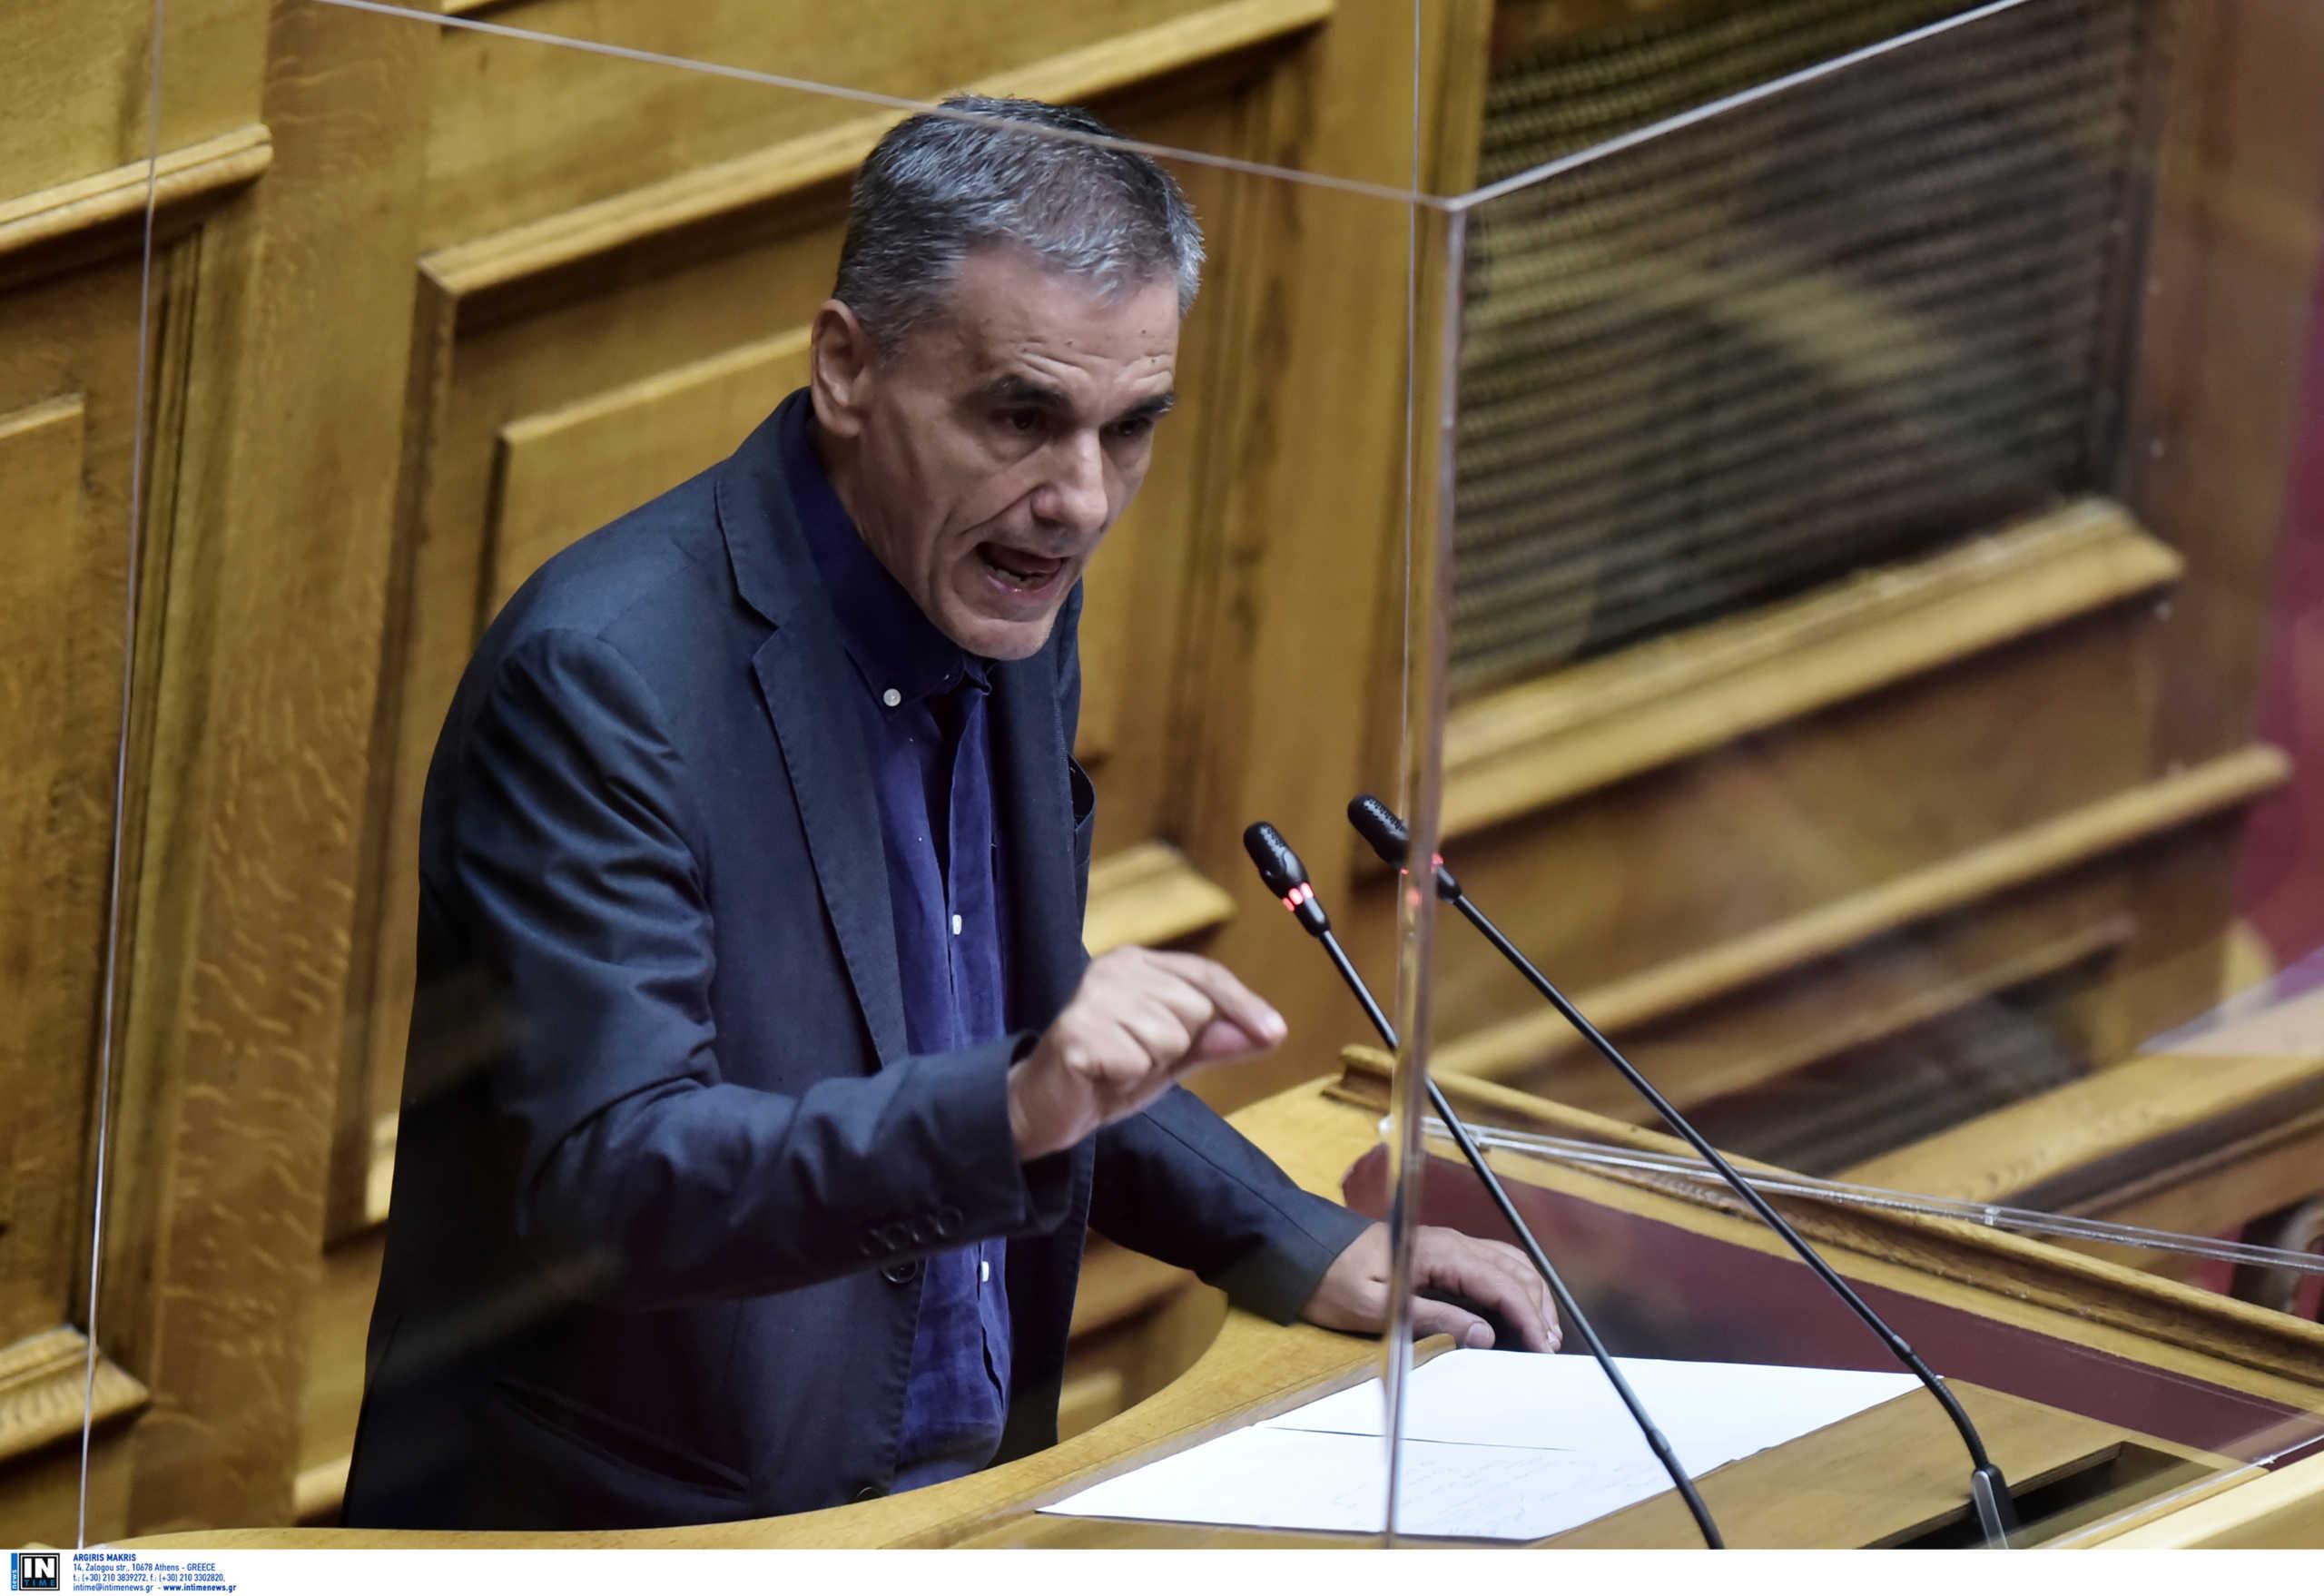 Παραδοχή Τσακαλώτου: Επί ΣΥΡΙΖΑ έγιναν πλειστηριασμοί αλλά δεν ήταν πρώτης κατοικίας